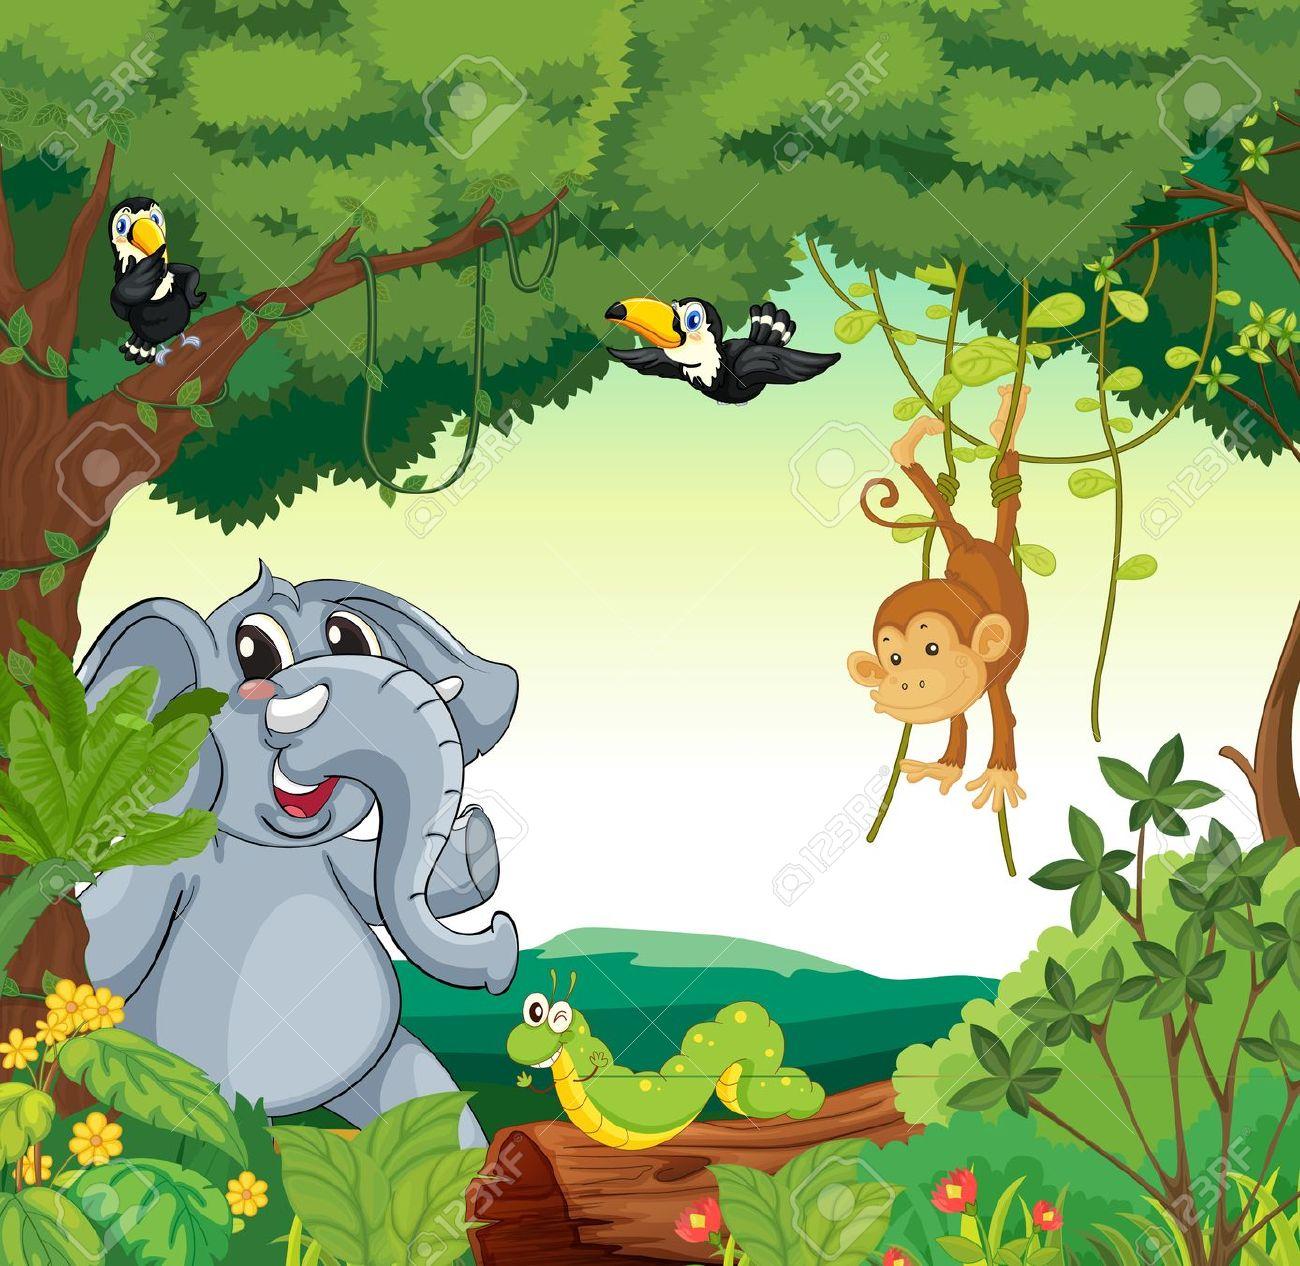 Jungle scene clipart 4 » Clipart Station.